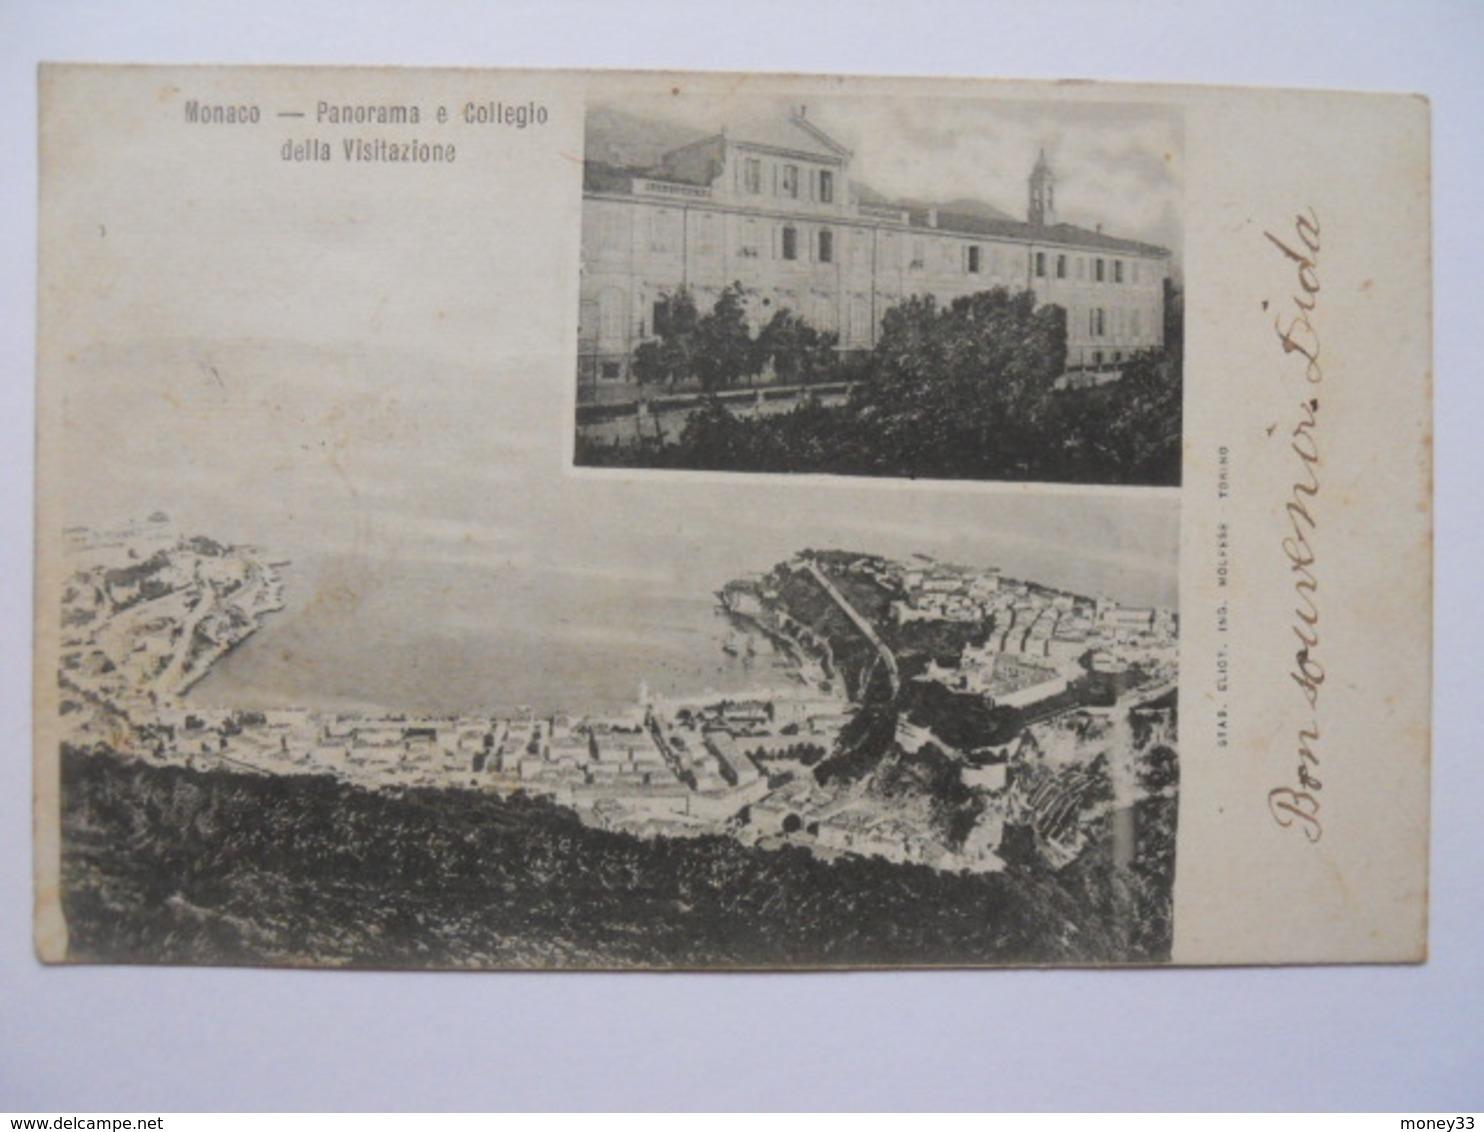 Monaco Panorama E Collegio Della Visitazione - Monaco